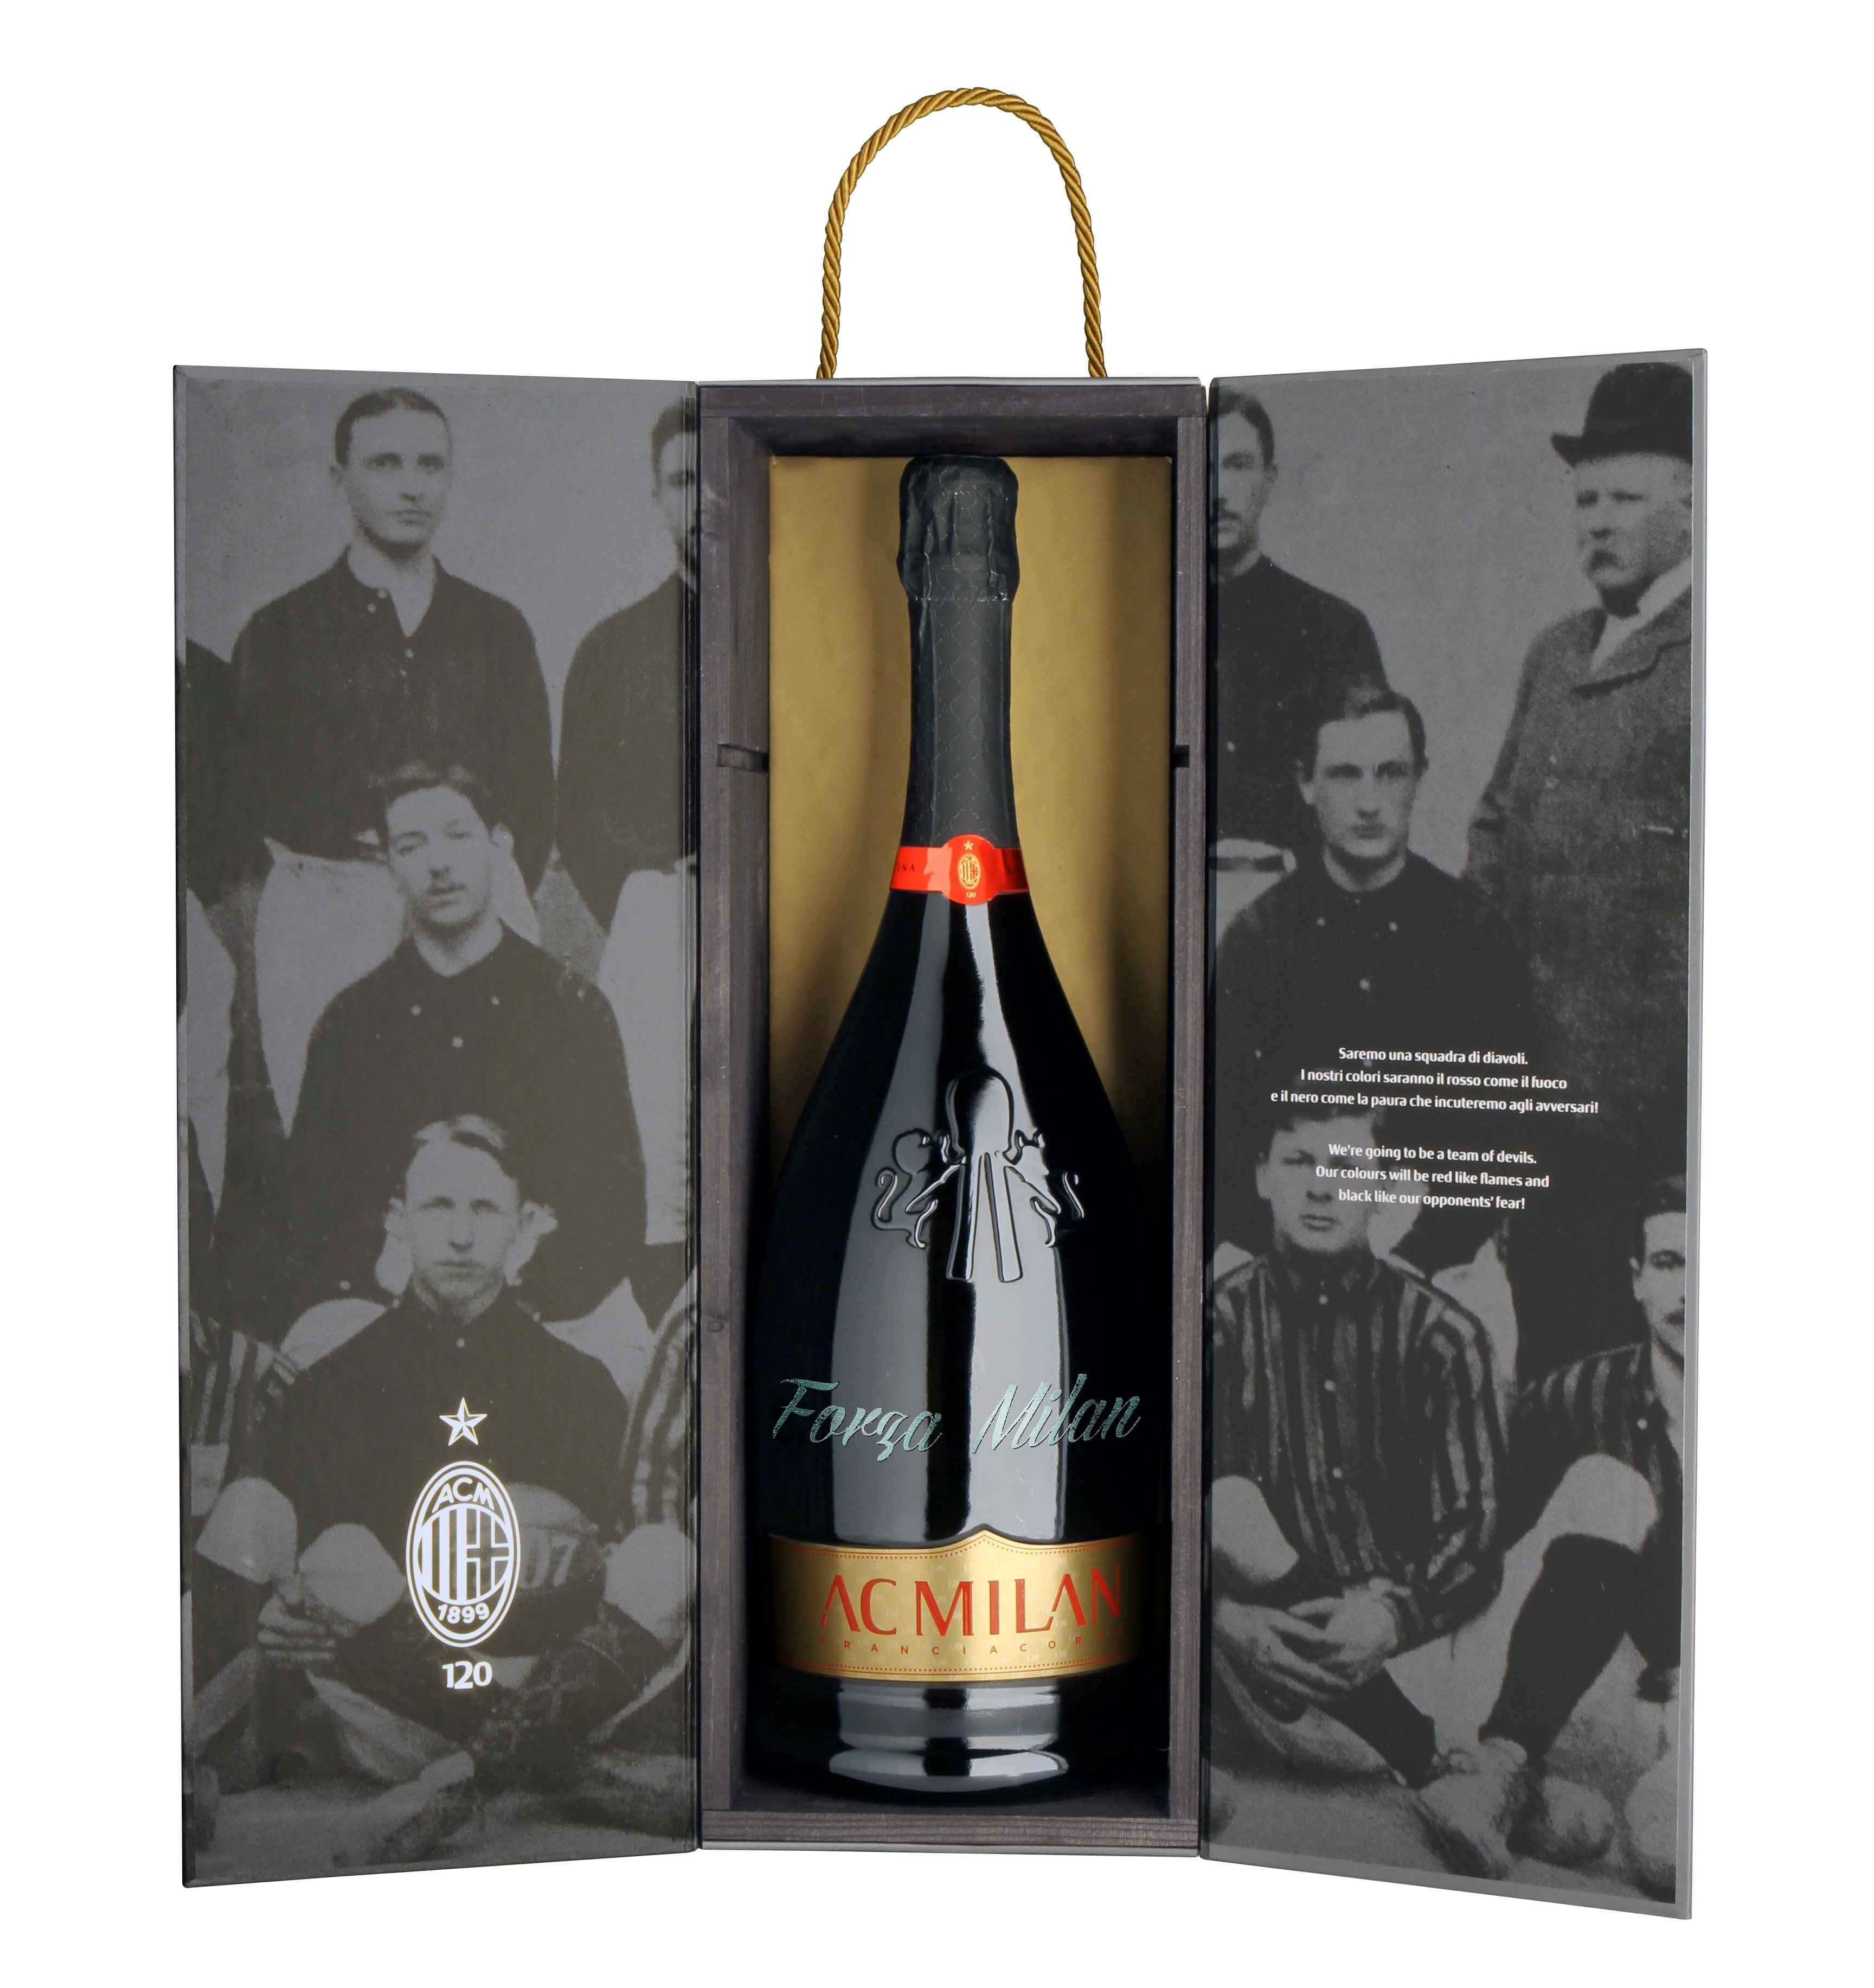 Magnum Franciacorta RossoNero anniversario 120° Ac Milan 15100